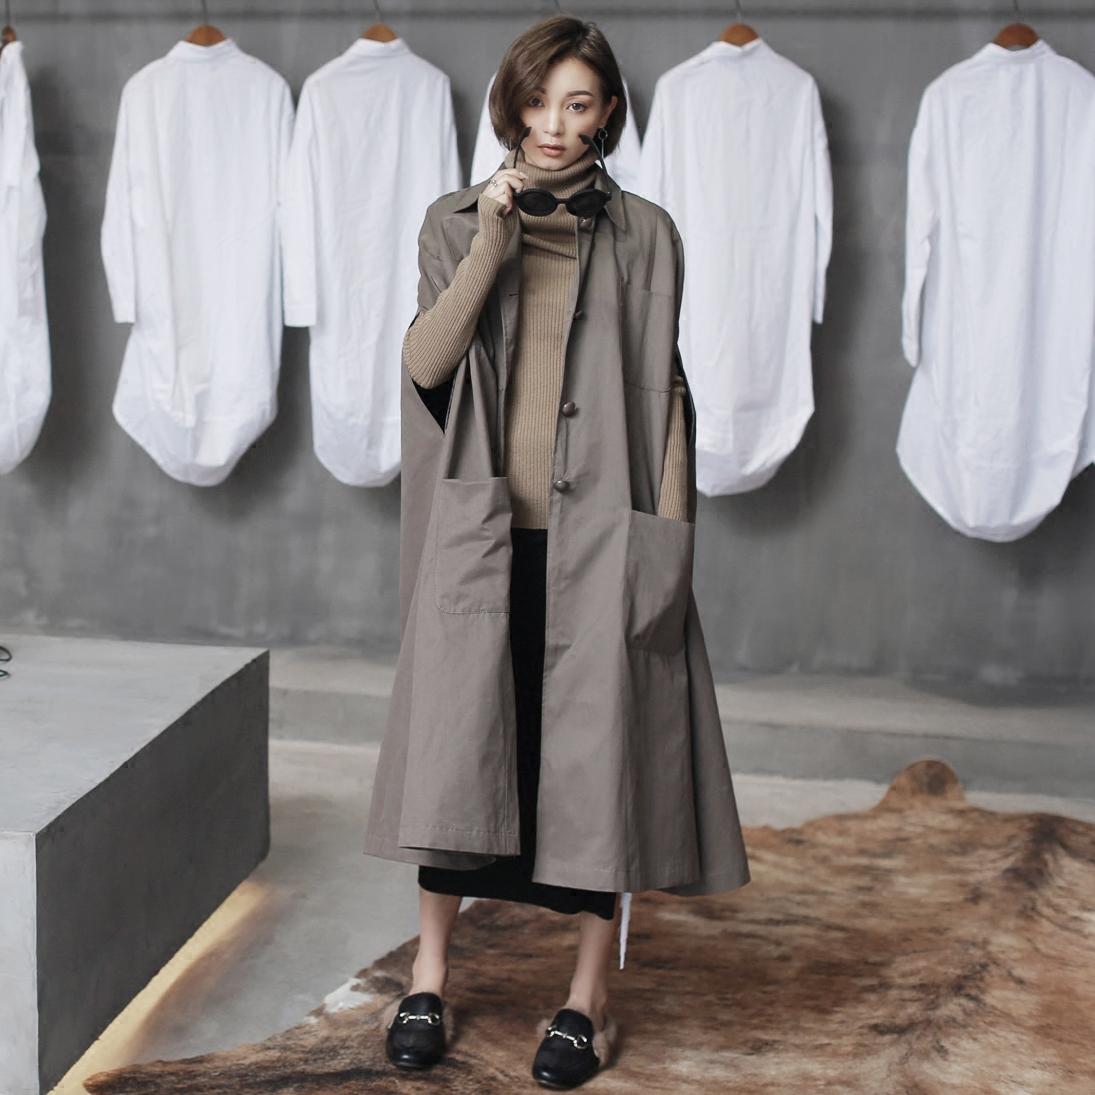 单排扣风衣 SIMPLE BLACK 原创设计欧美复古长款女士无袖斗篷风衣_推荐淘宝好看的单排扣风衣